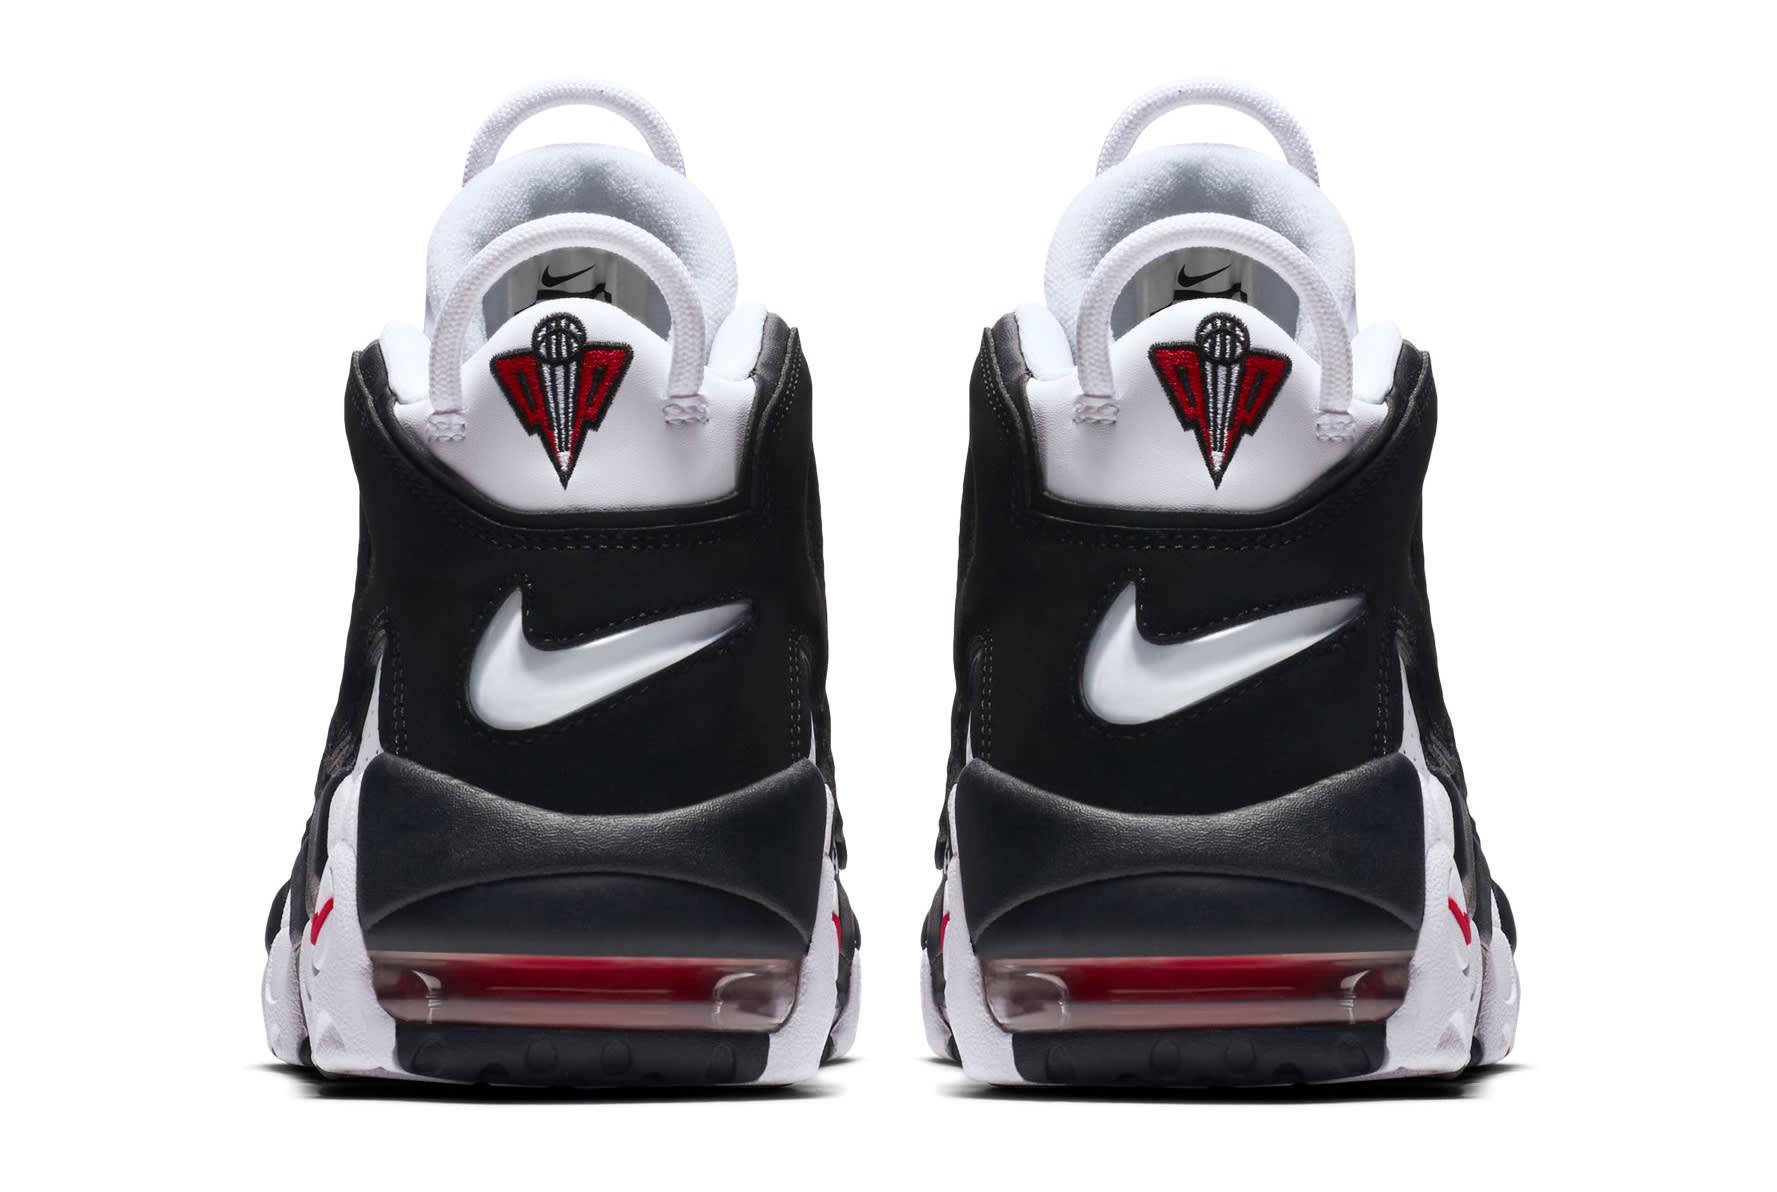 Nike Air More Uptempo White Black Varsity Red Heel